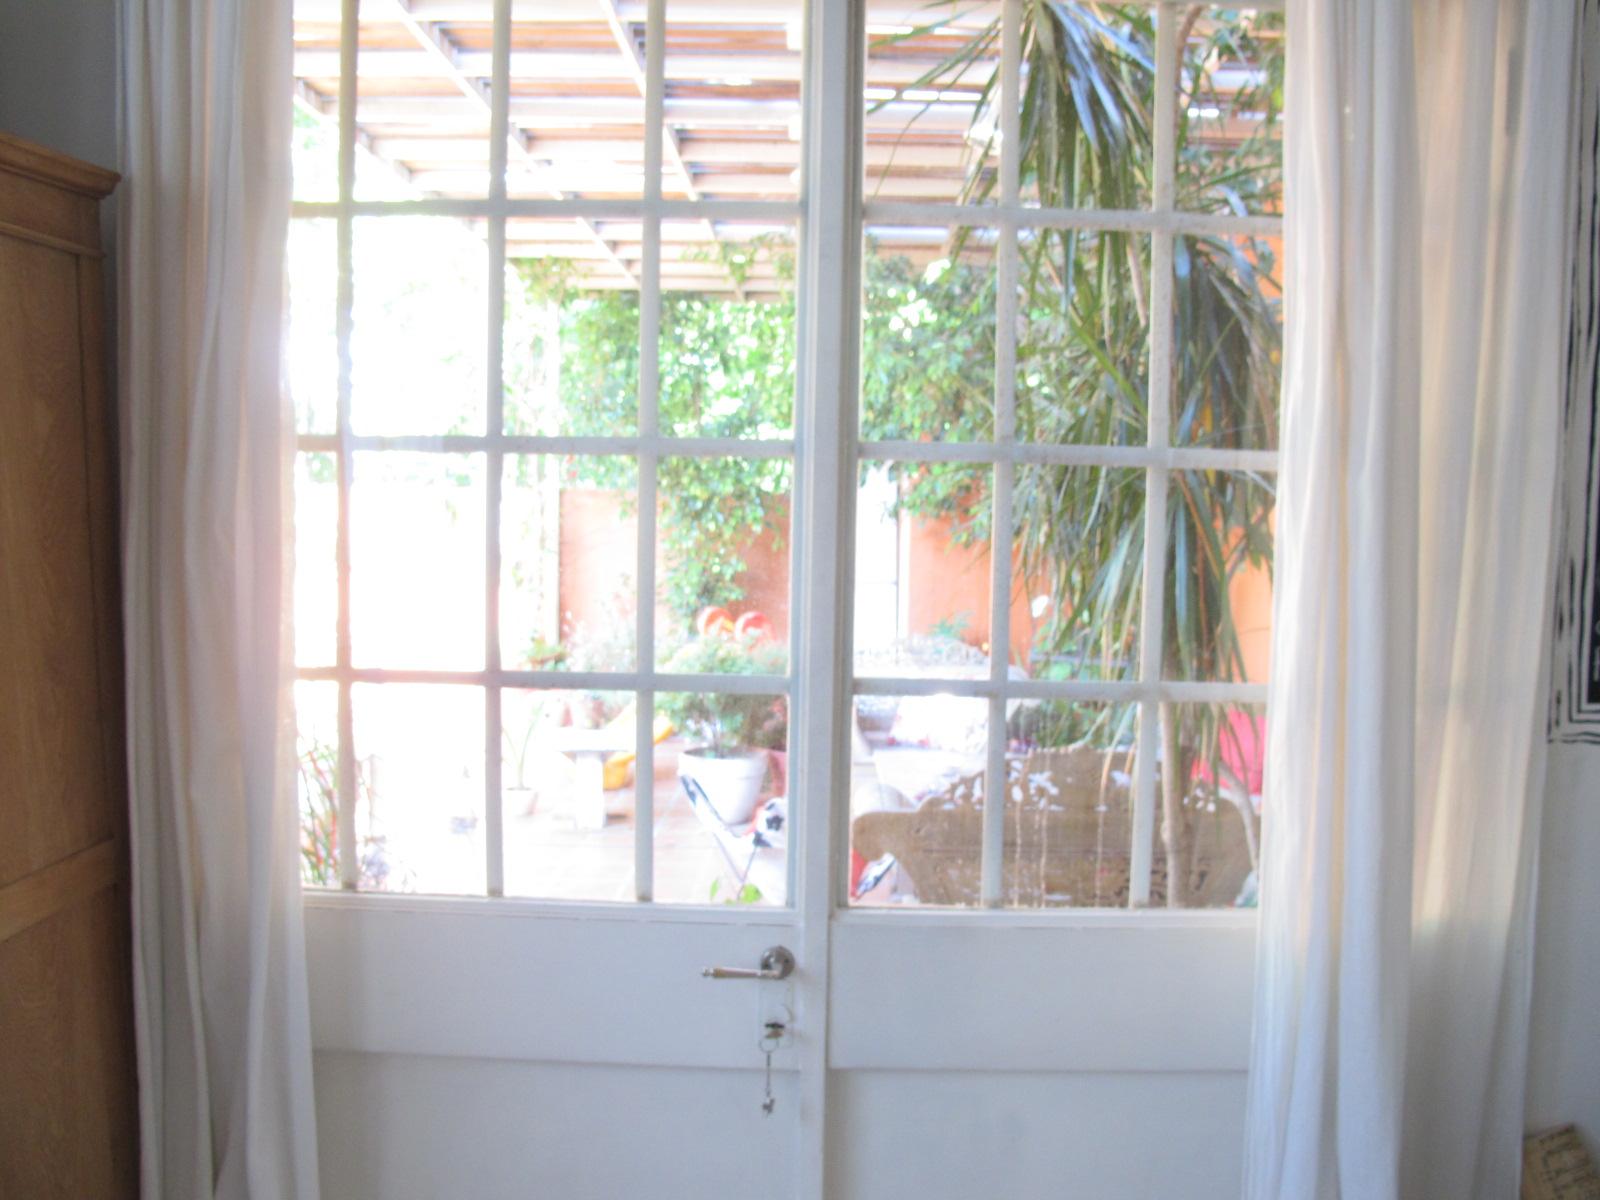 Publicado por Chateau du Bonheur Bs As House for Sale en 7:24 AM title=